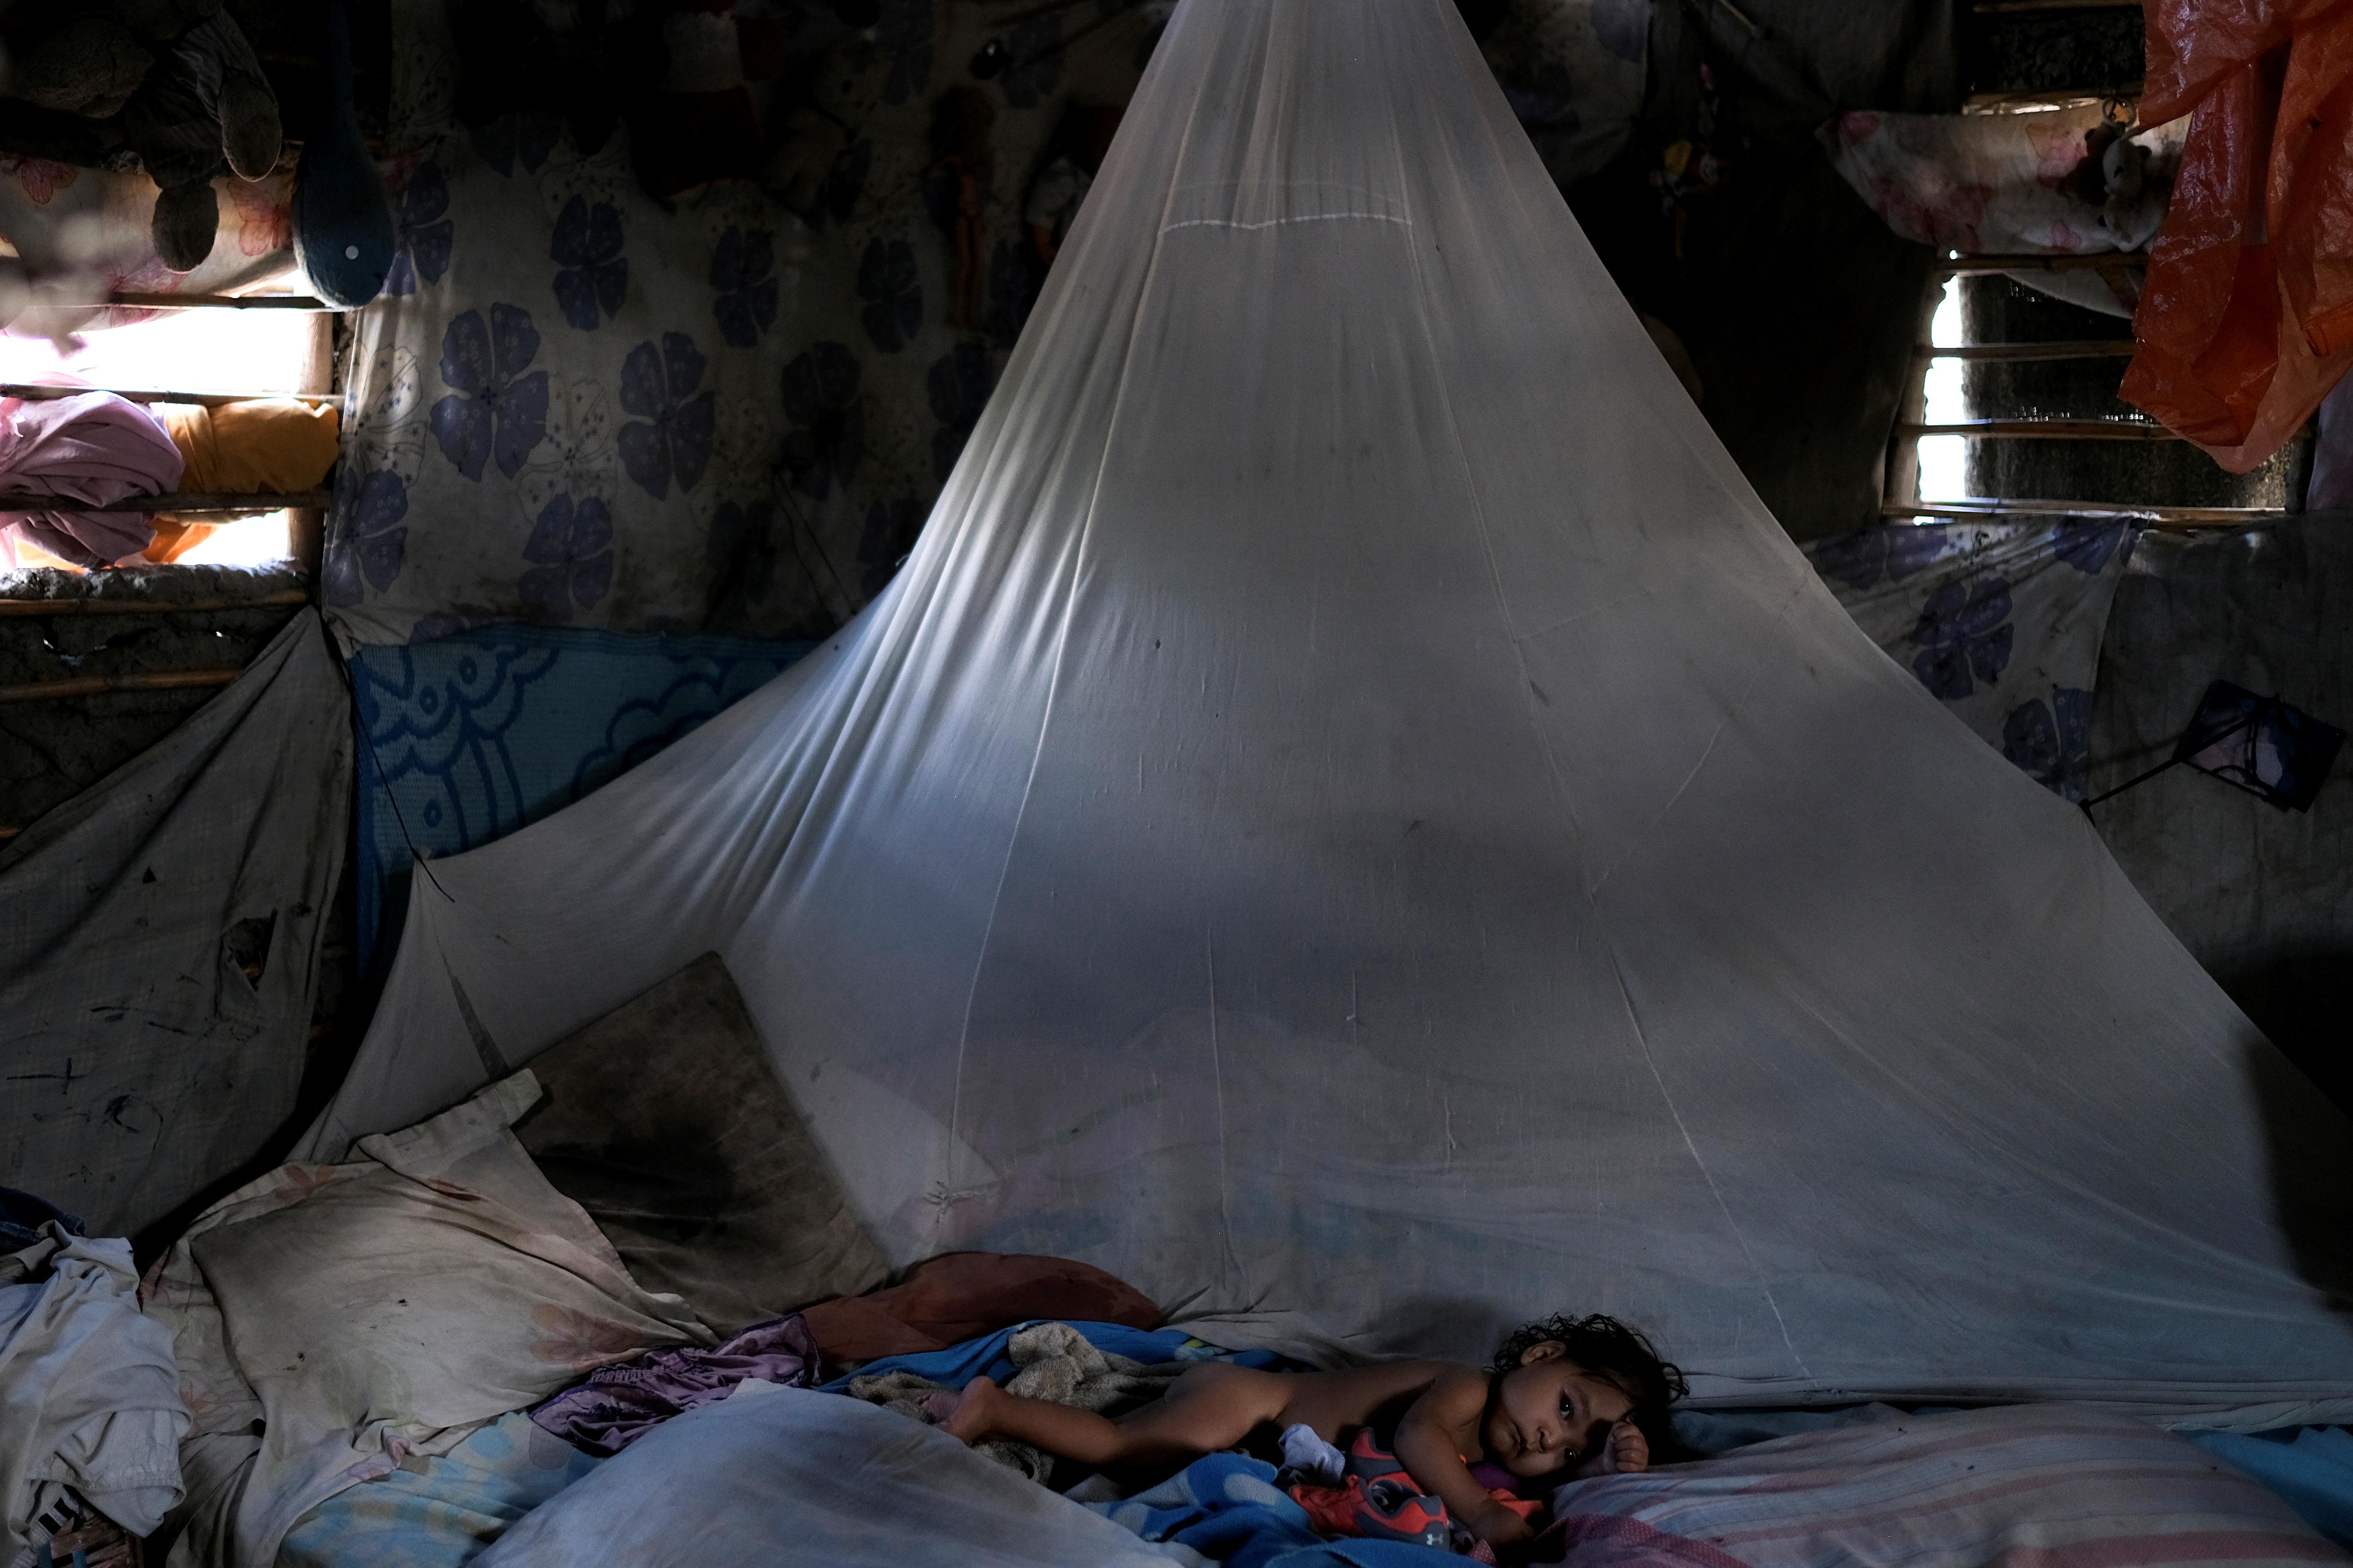 Sonia Suárez, que tiene 10 meses y se está recuperando después de ser hospitalizada por desnutrición, descansa en una cama en su casa en Barquisimeto (REUTERS/Carlos García Rawlins)